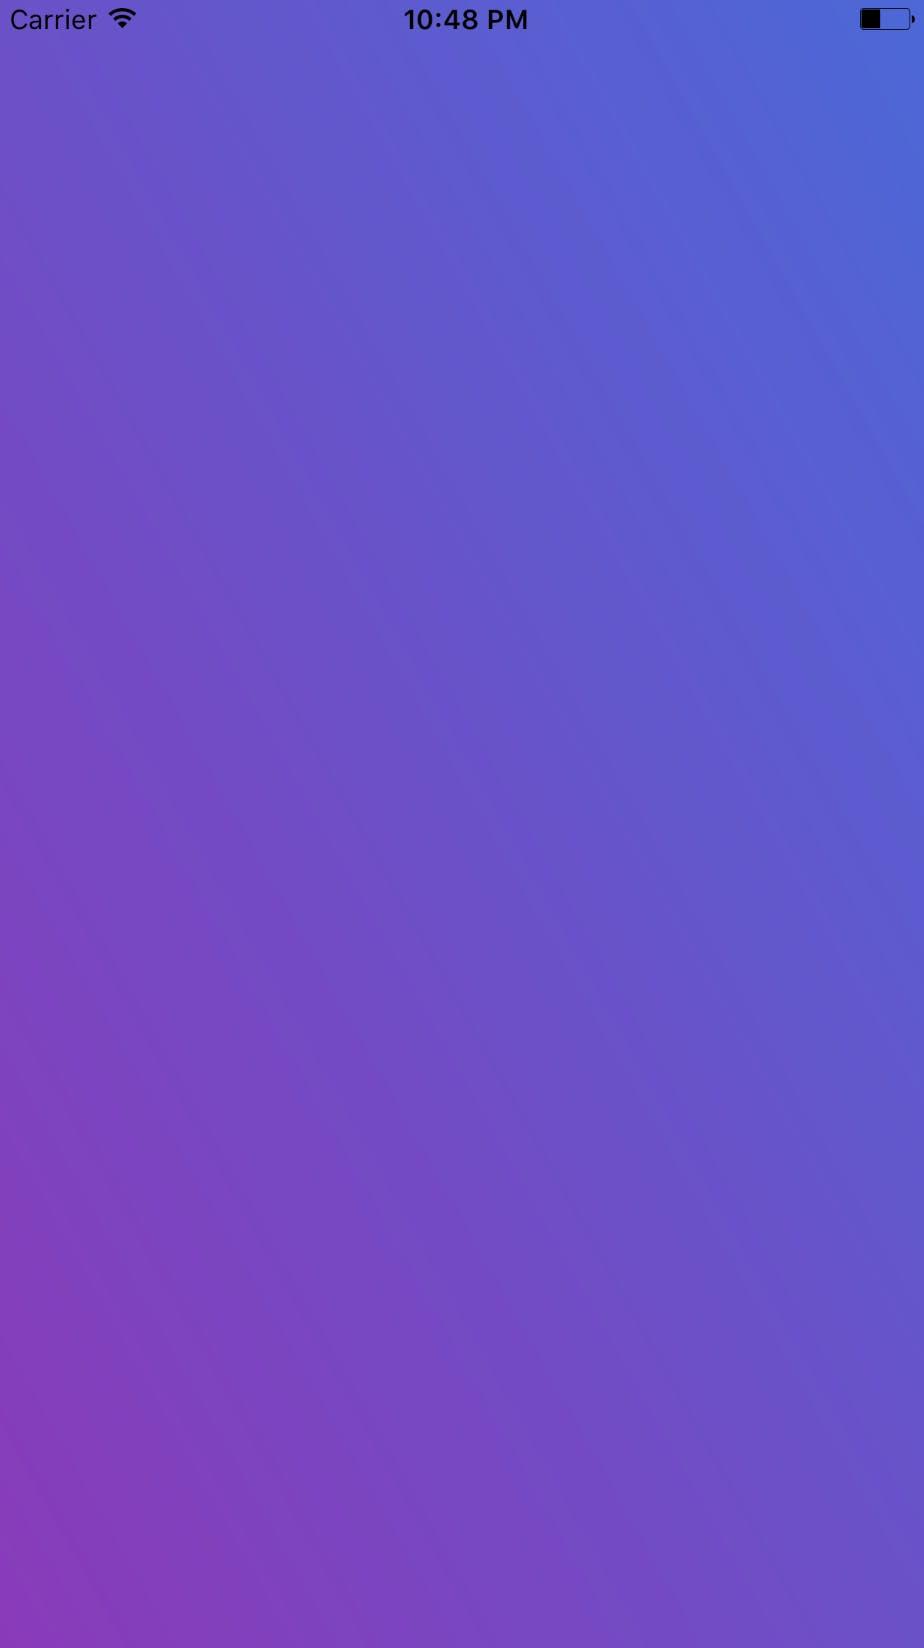 スクリーンショット 2017-06-04 22.48.41.png